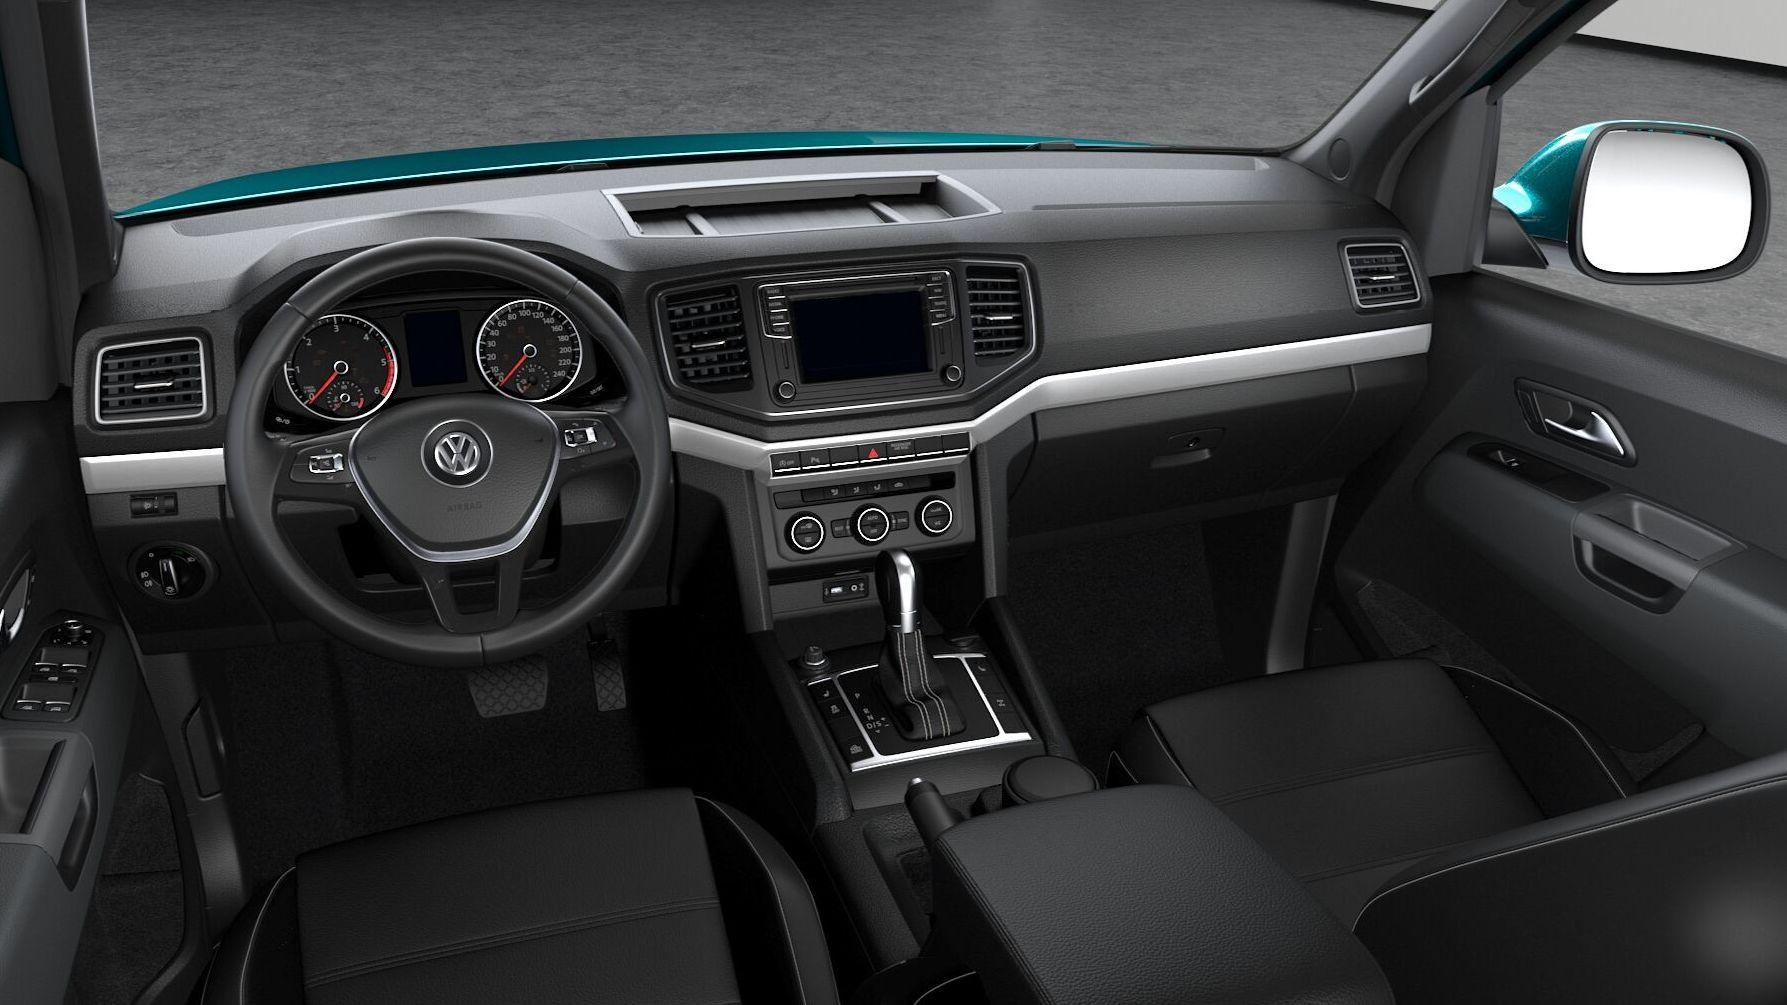 VW Amarok 3.0 V6 2018